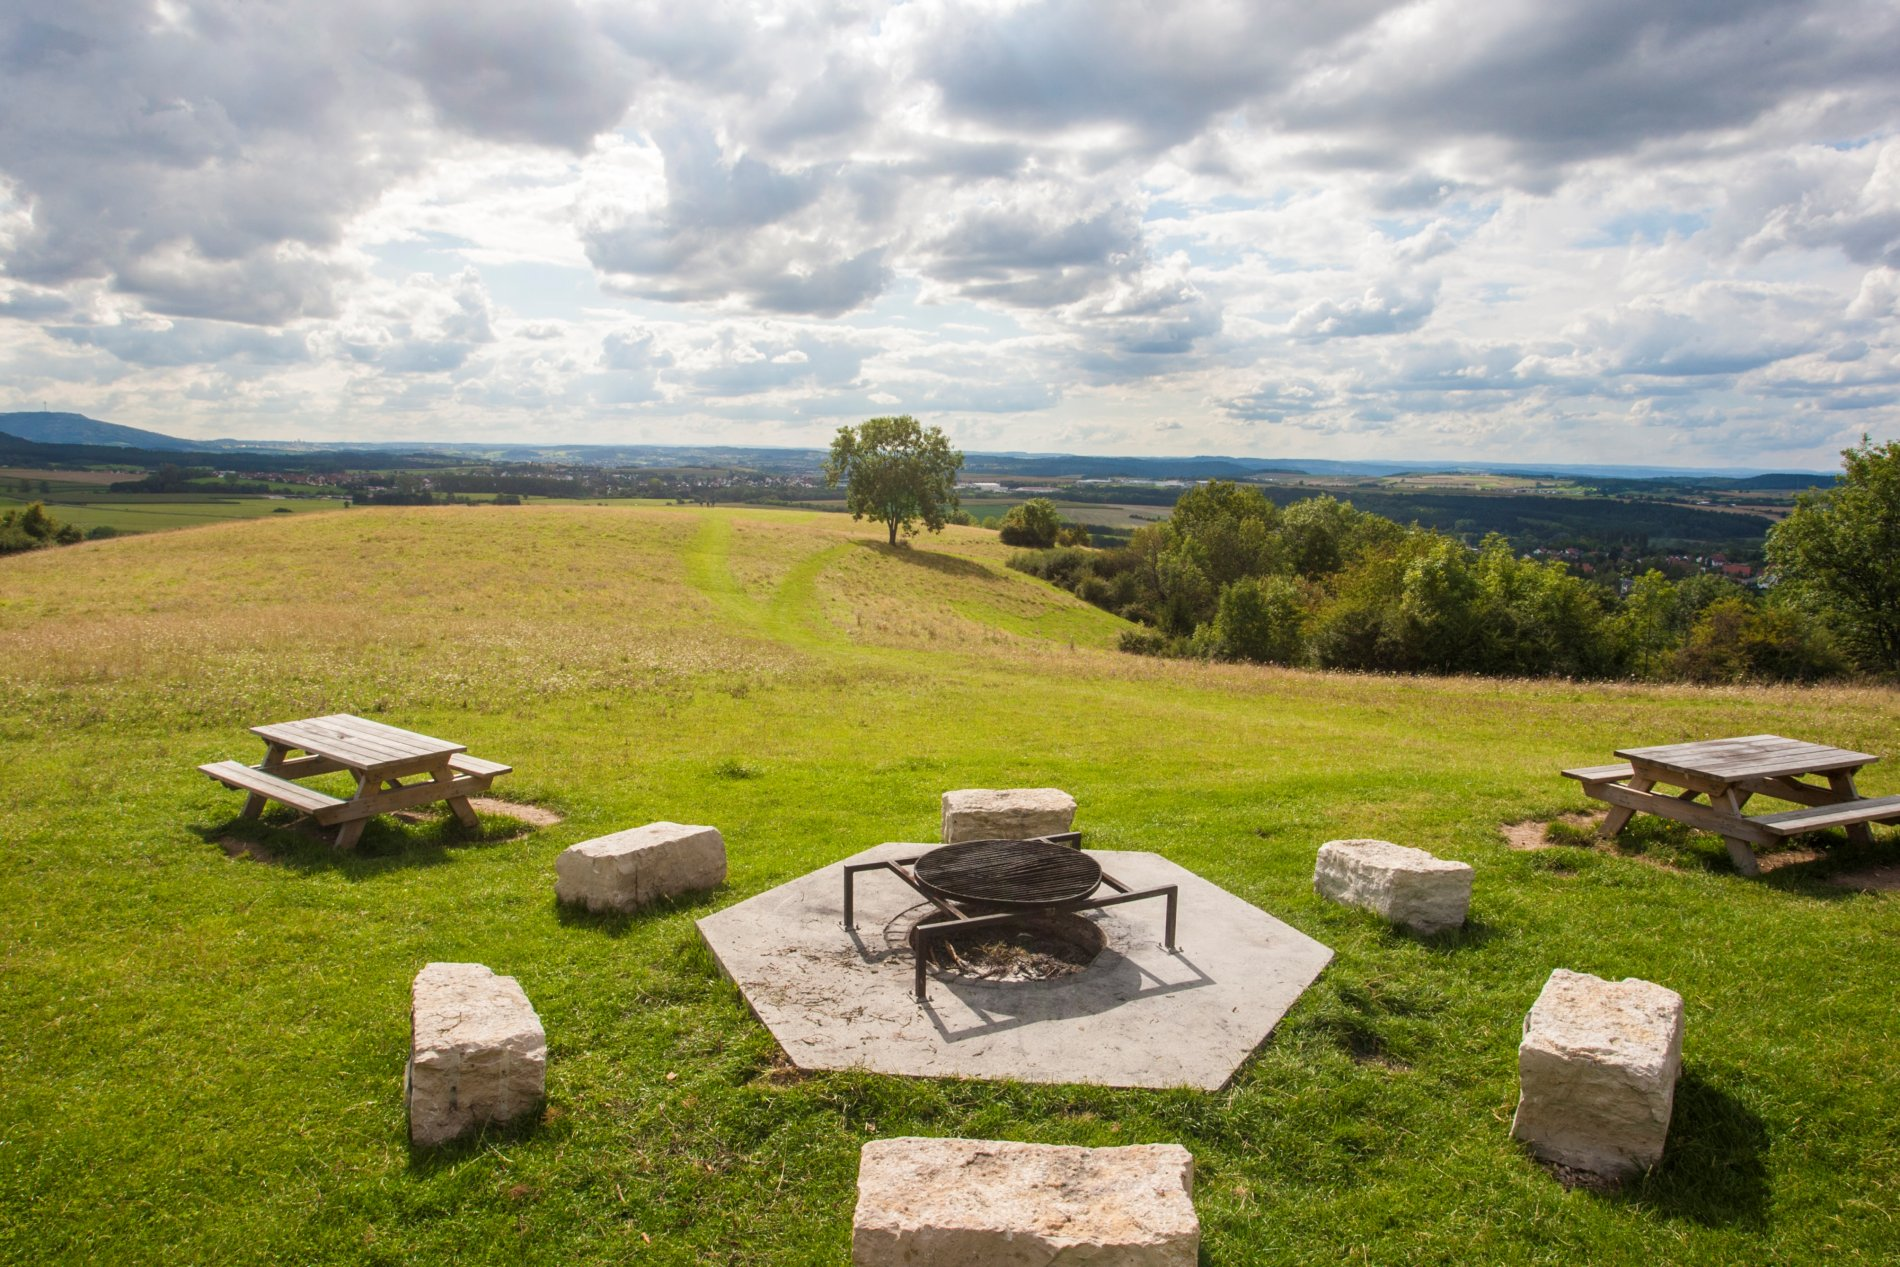 Grillplatz mit Feuerstelle und Sitzmöglichkeiten auf einer Freifläche